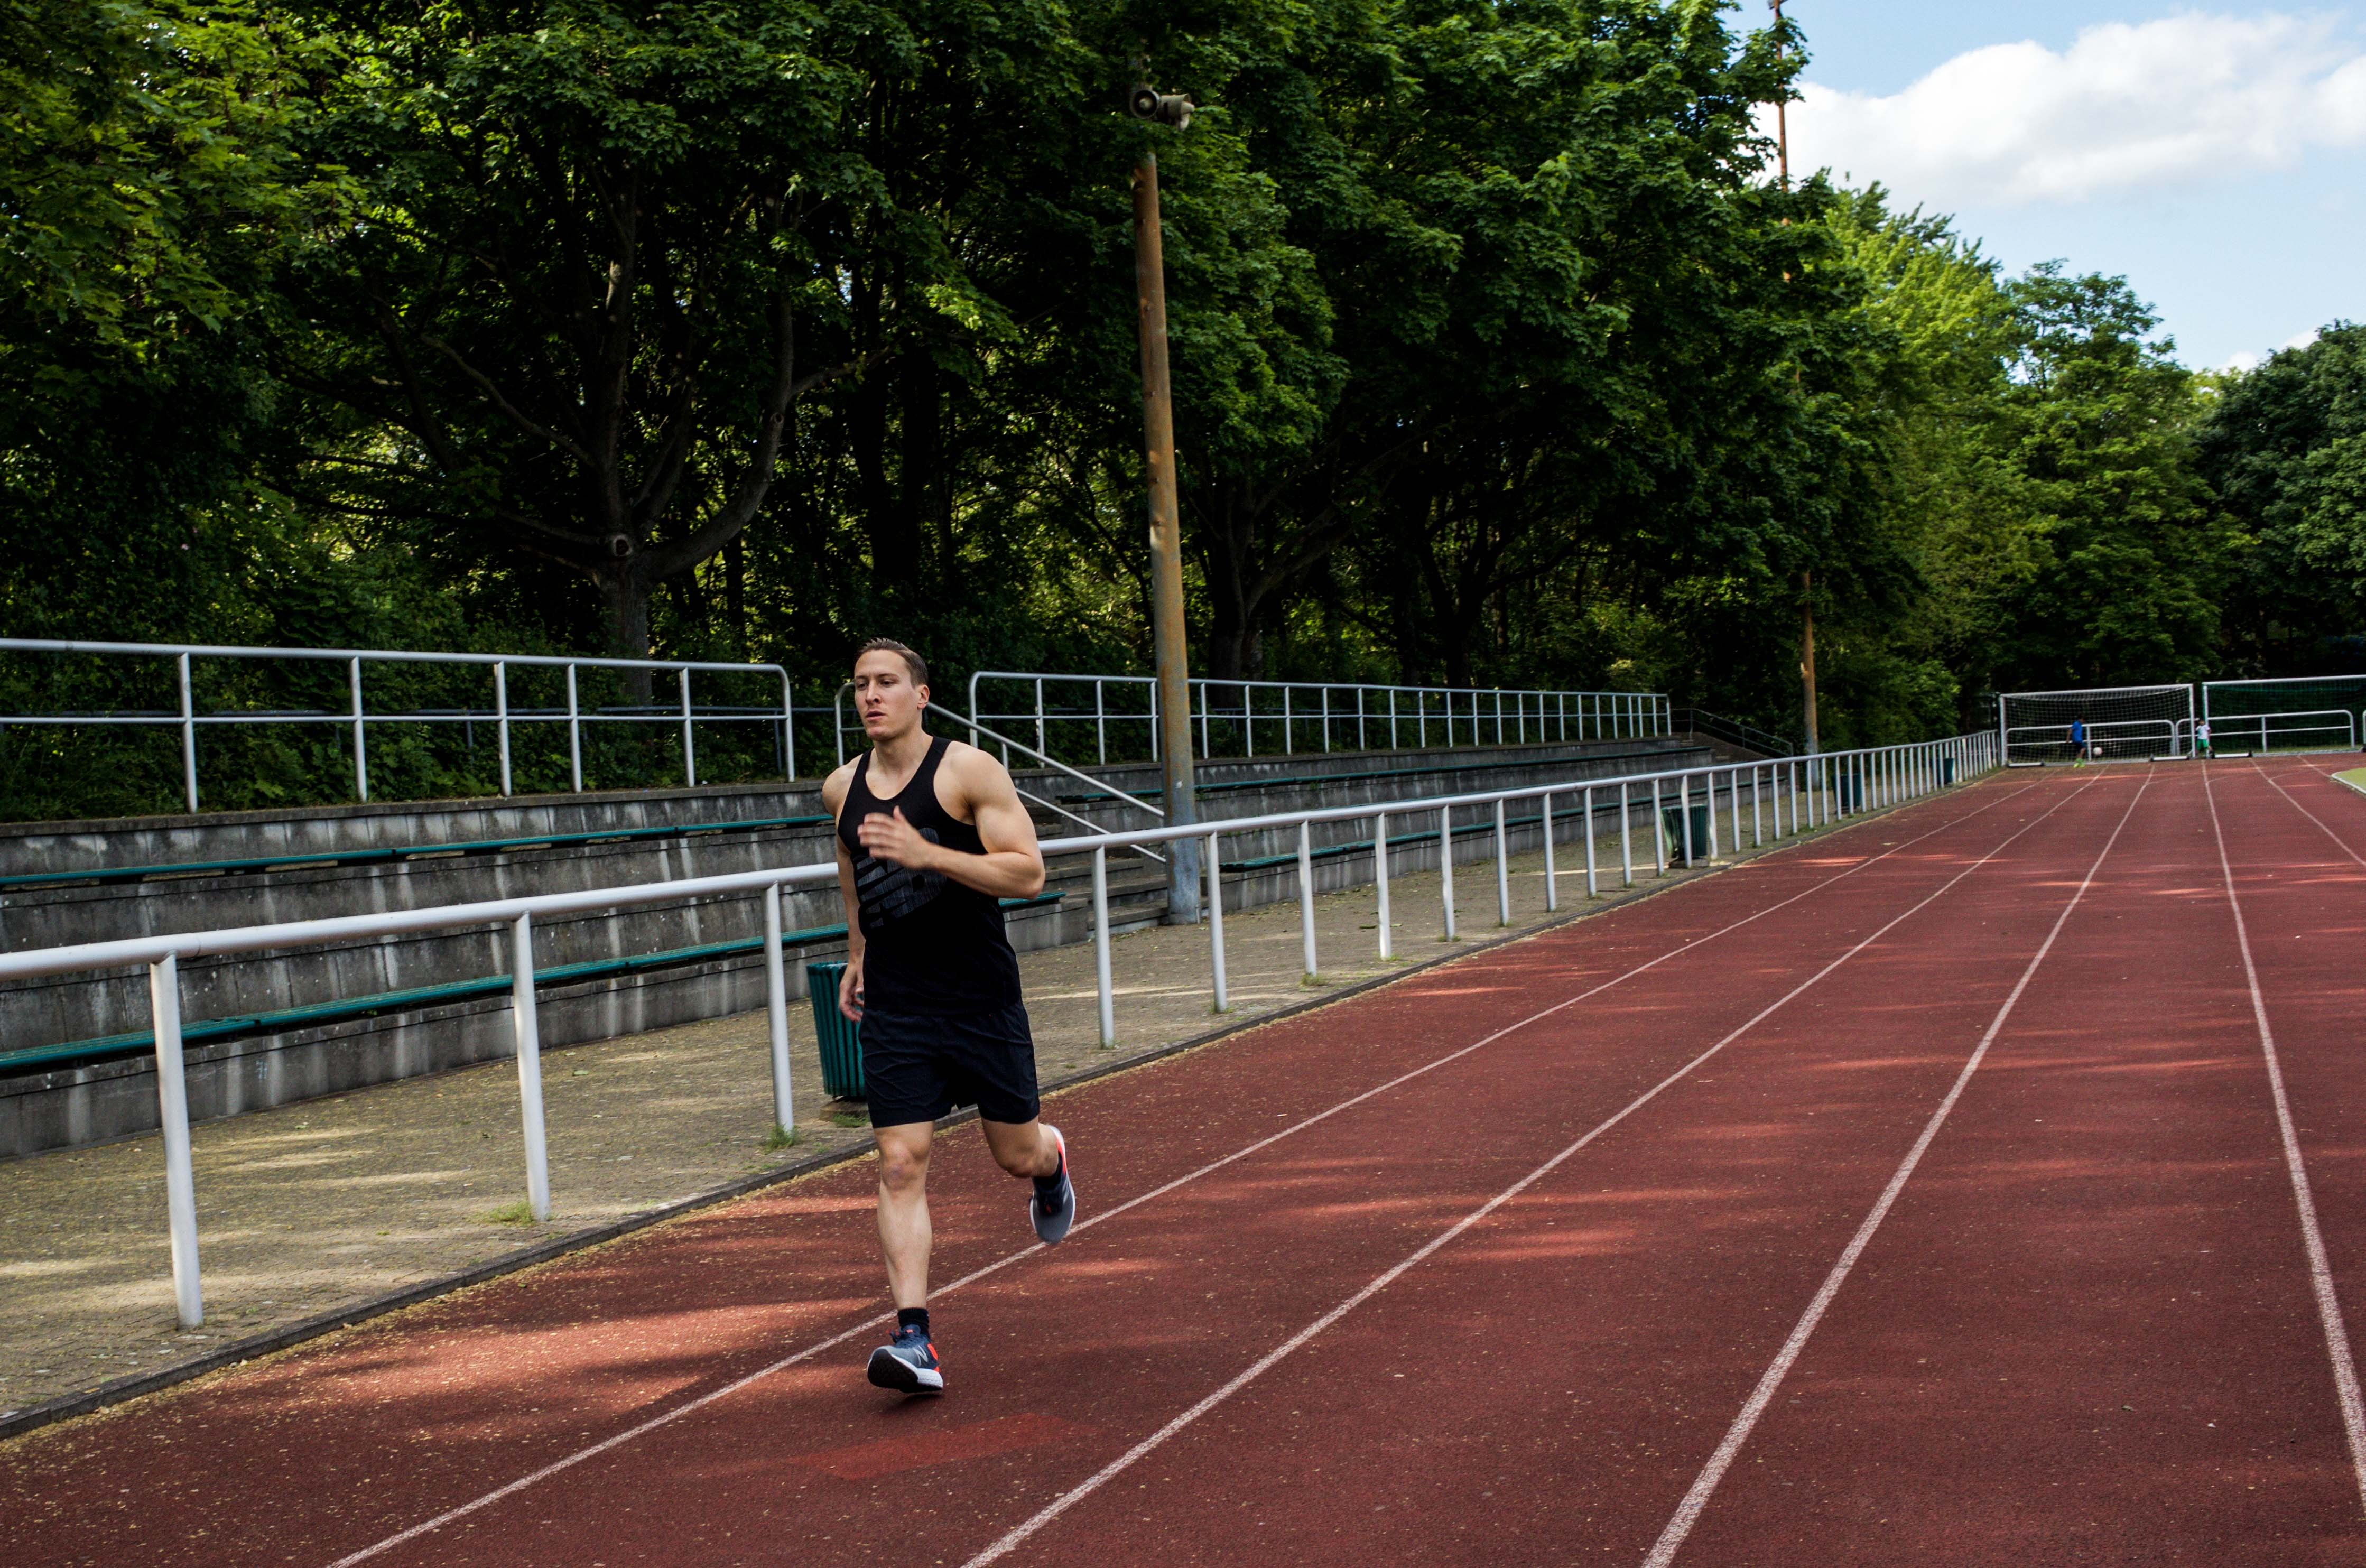 hiit-training-trainingsplan-hochintensives-intervalltraining-vorteile-fitness-sport-ausdauer-abnehmen_6192